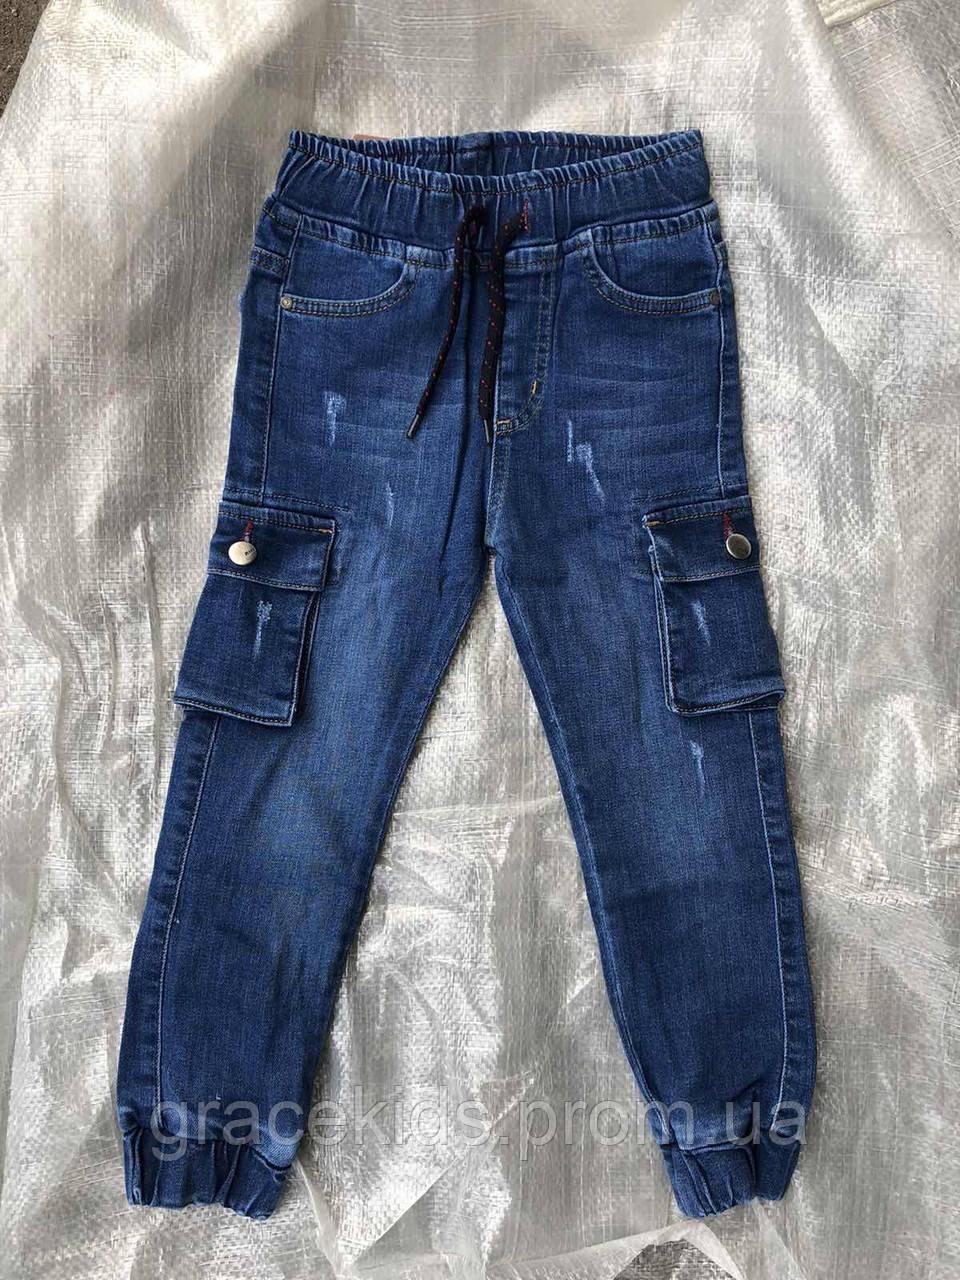 Подростковые джинсы джоггеры для мальчиков Cool Finish,разм 9-14 лет